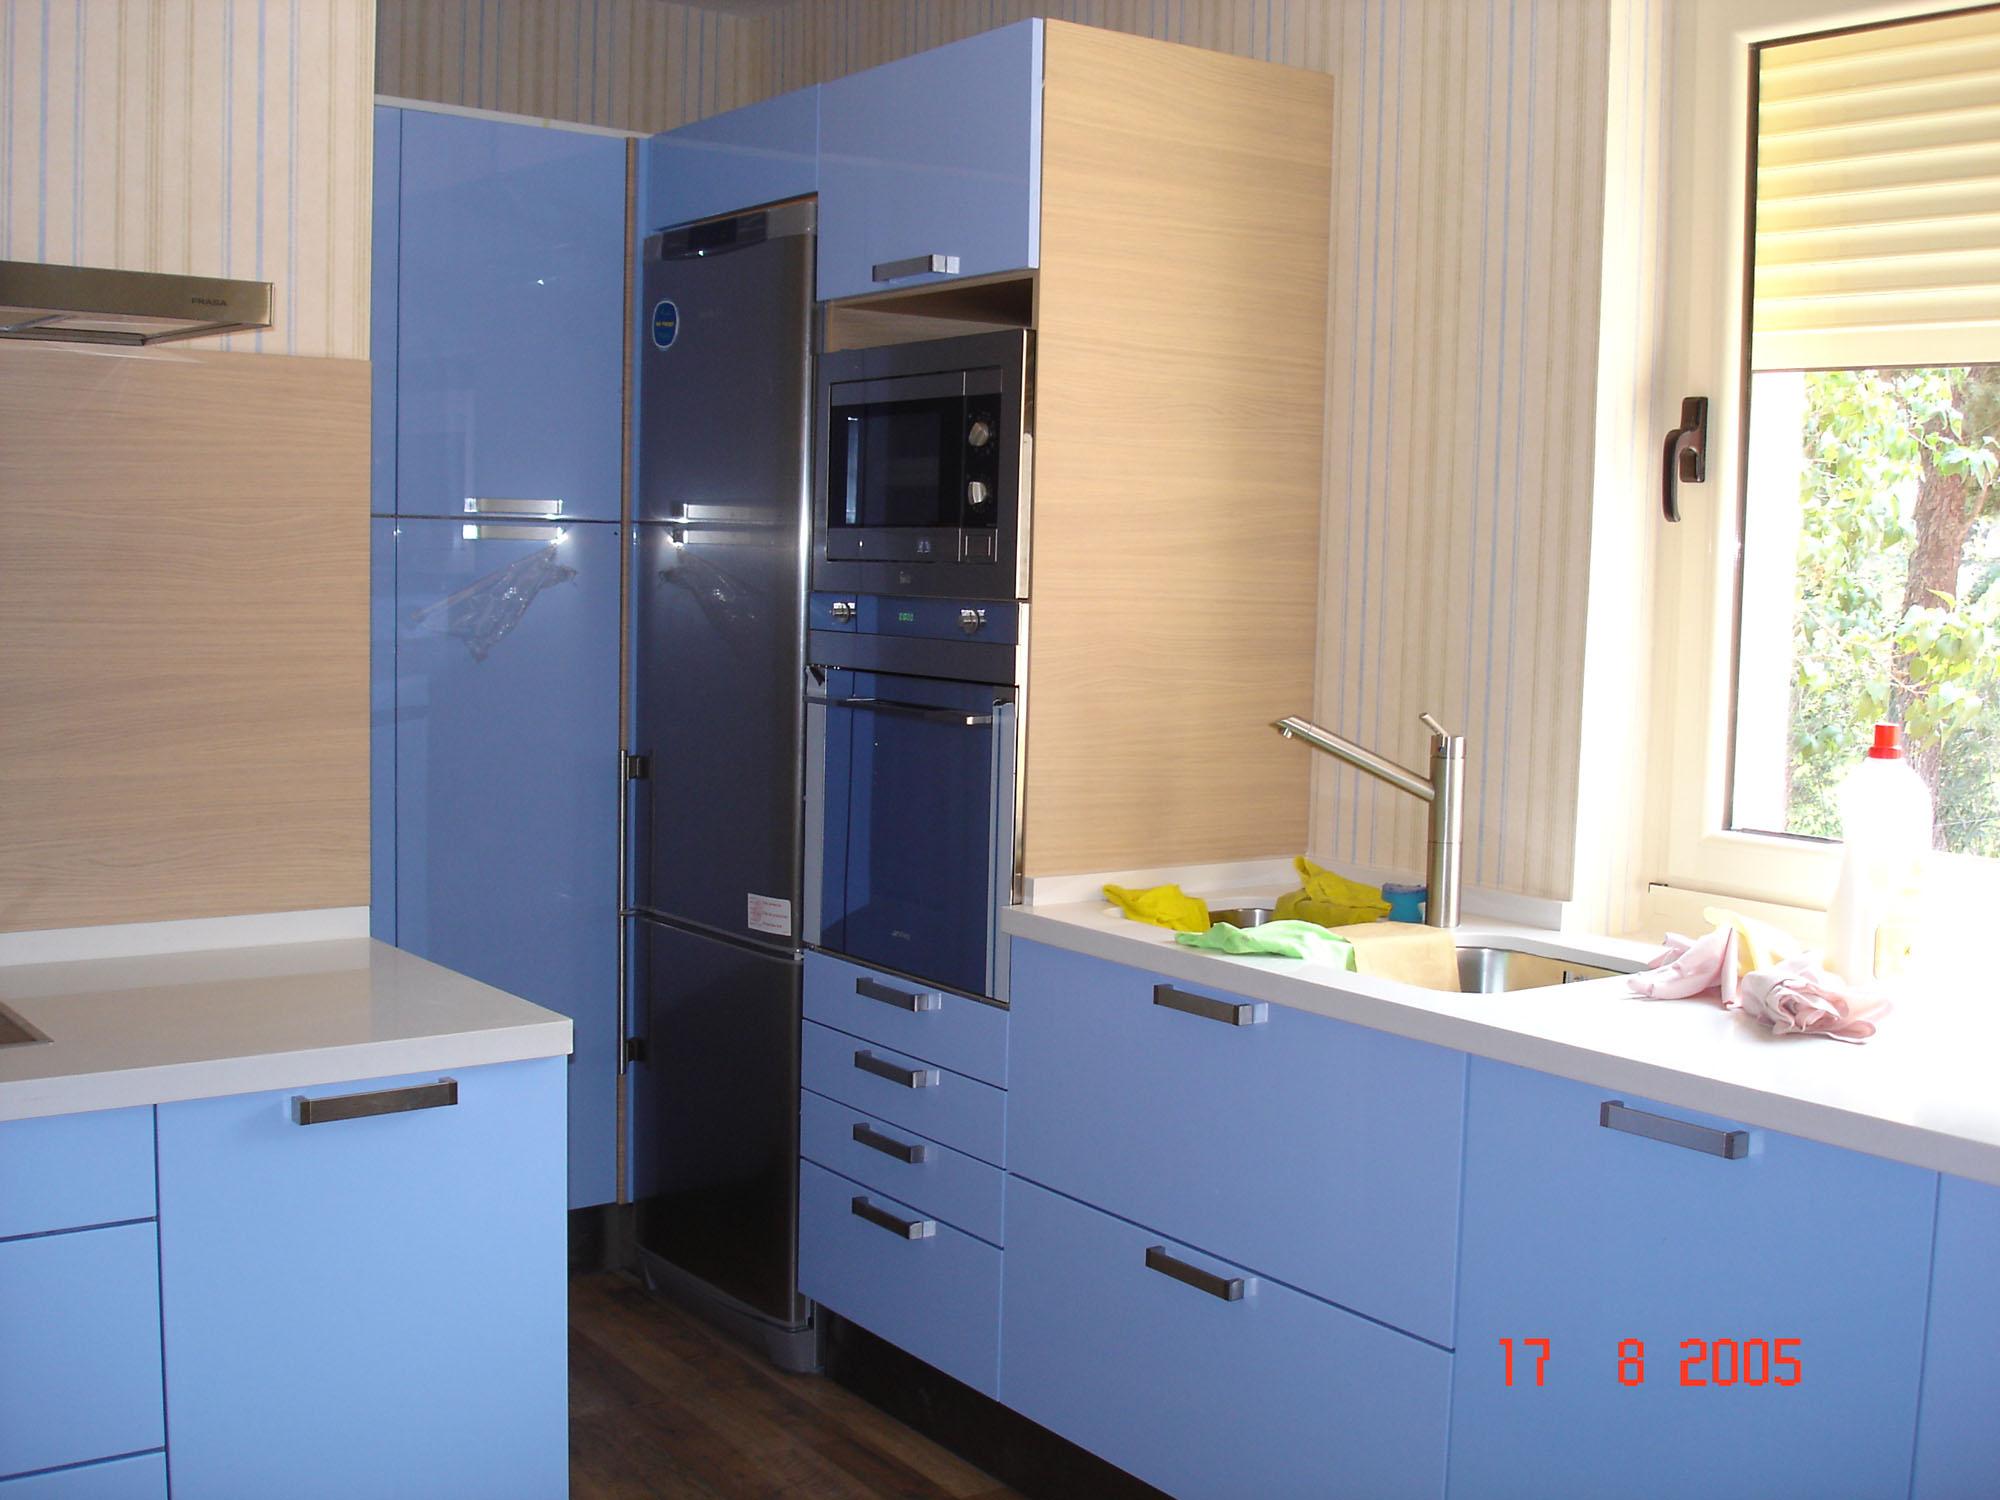 Genial Muebles De Cocina En Valladolid Galer A De Im Genes  # Muebles Valladolid